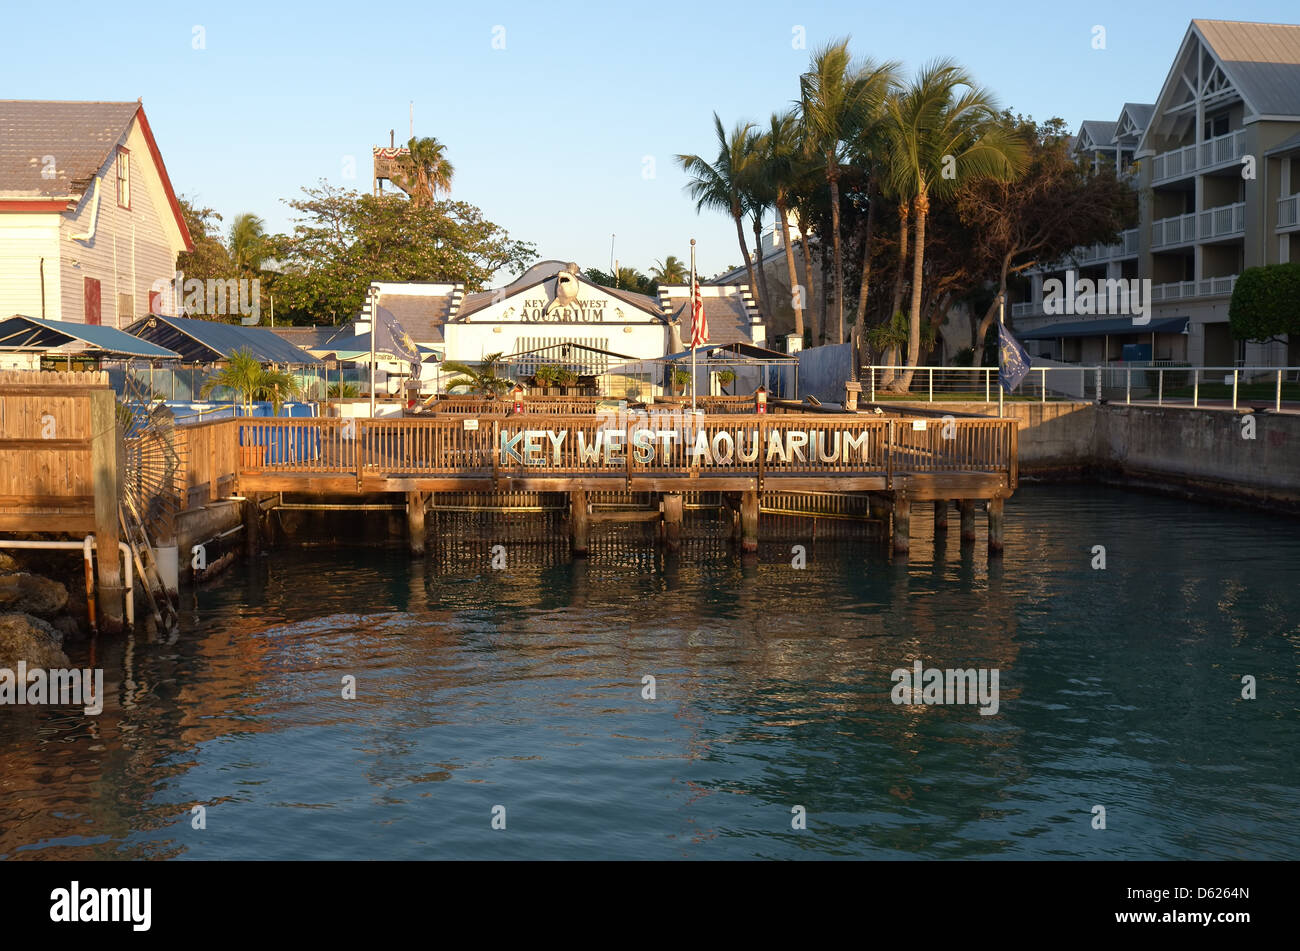 Key West Florida Aquarium Stock Photo Royalty Free Image 55367781 Alamy